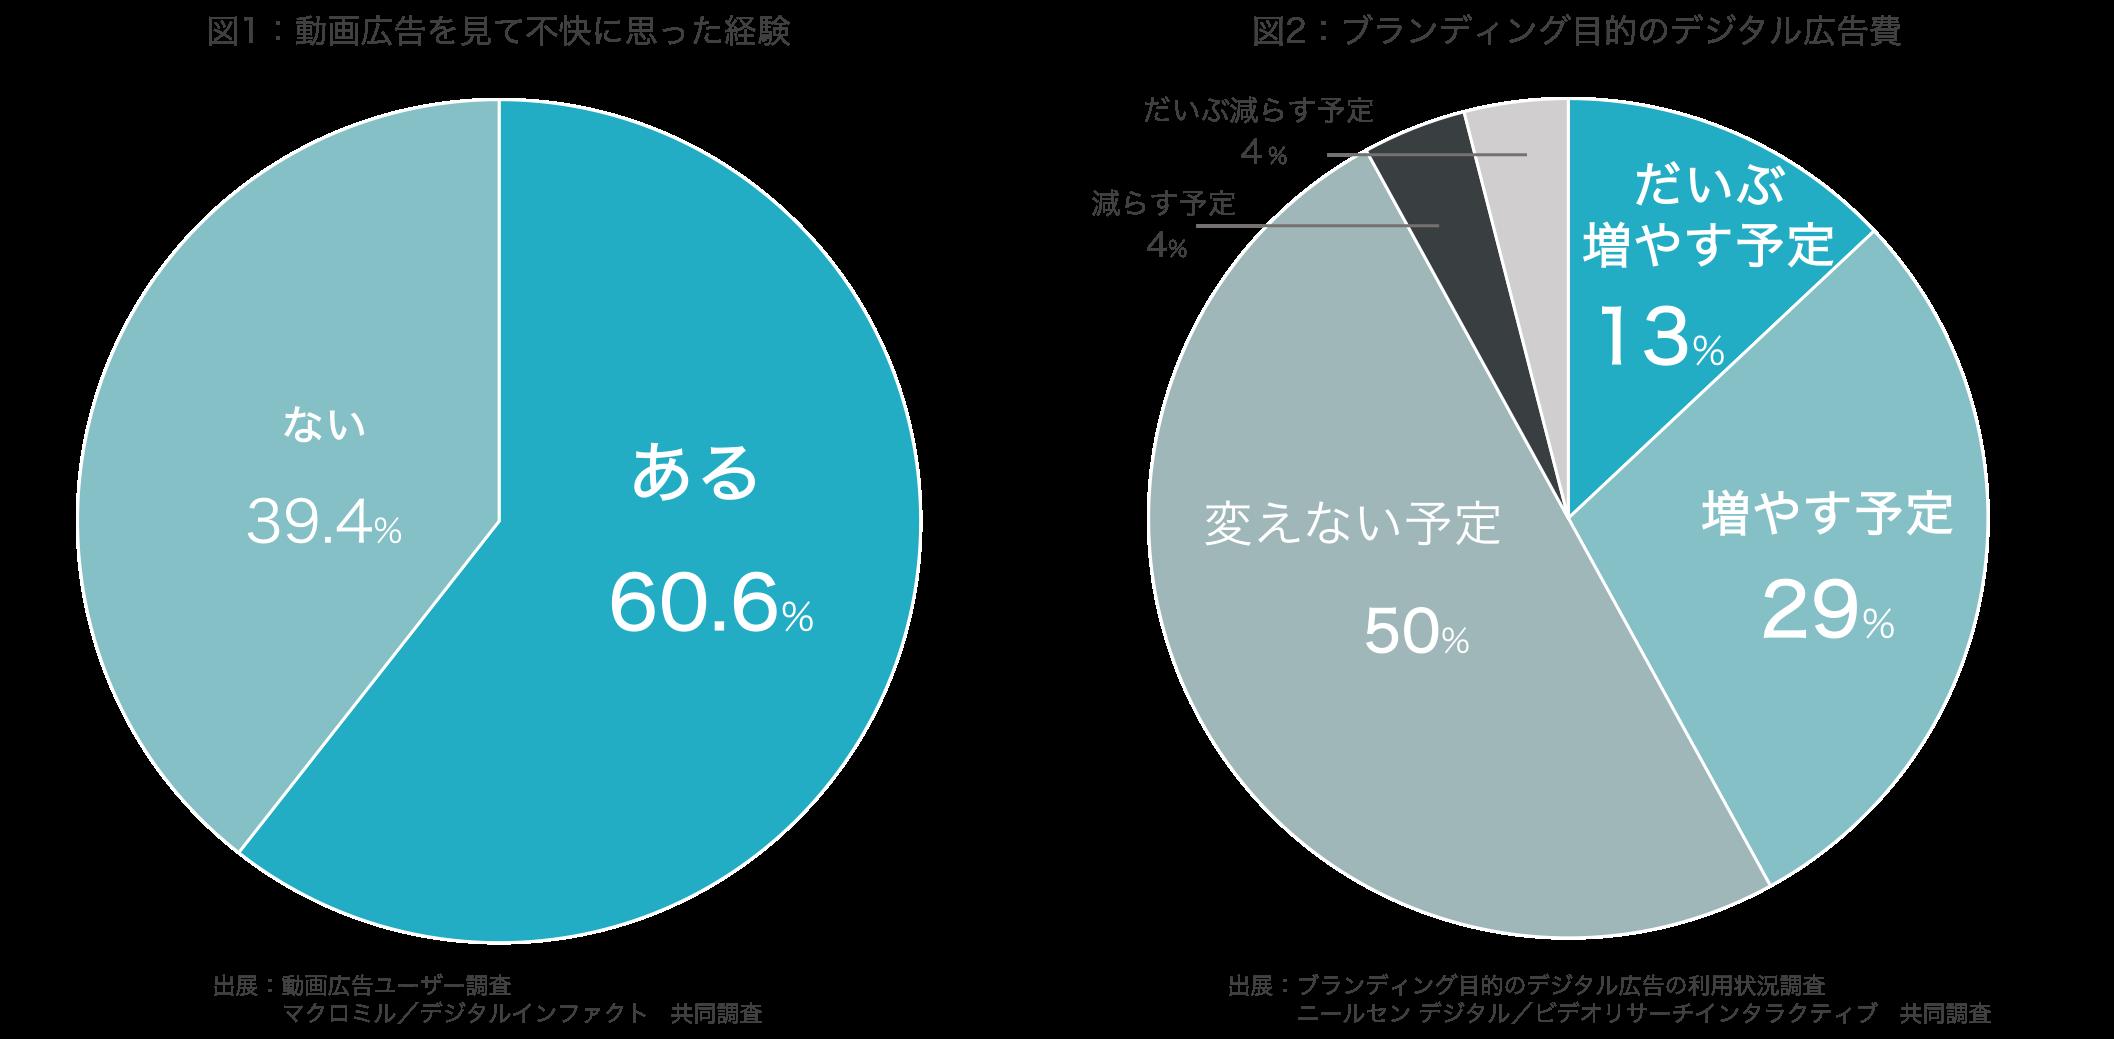 図1・図2